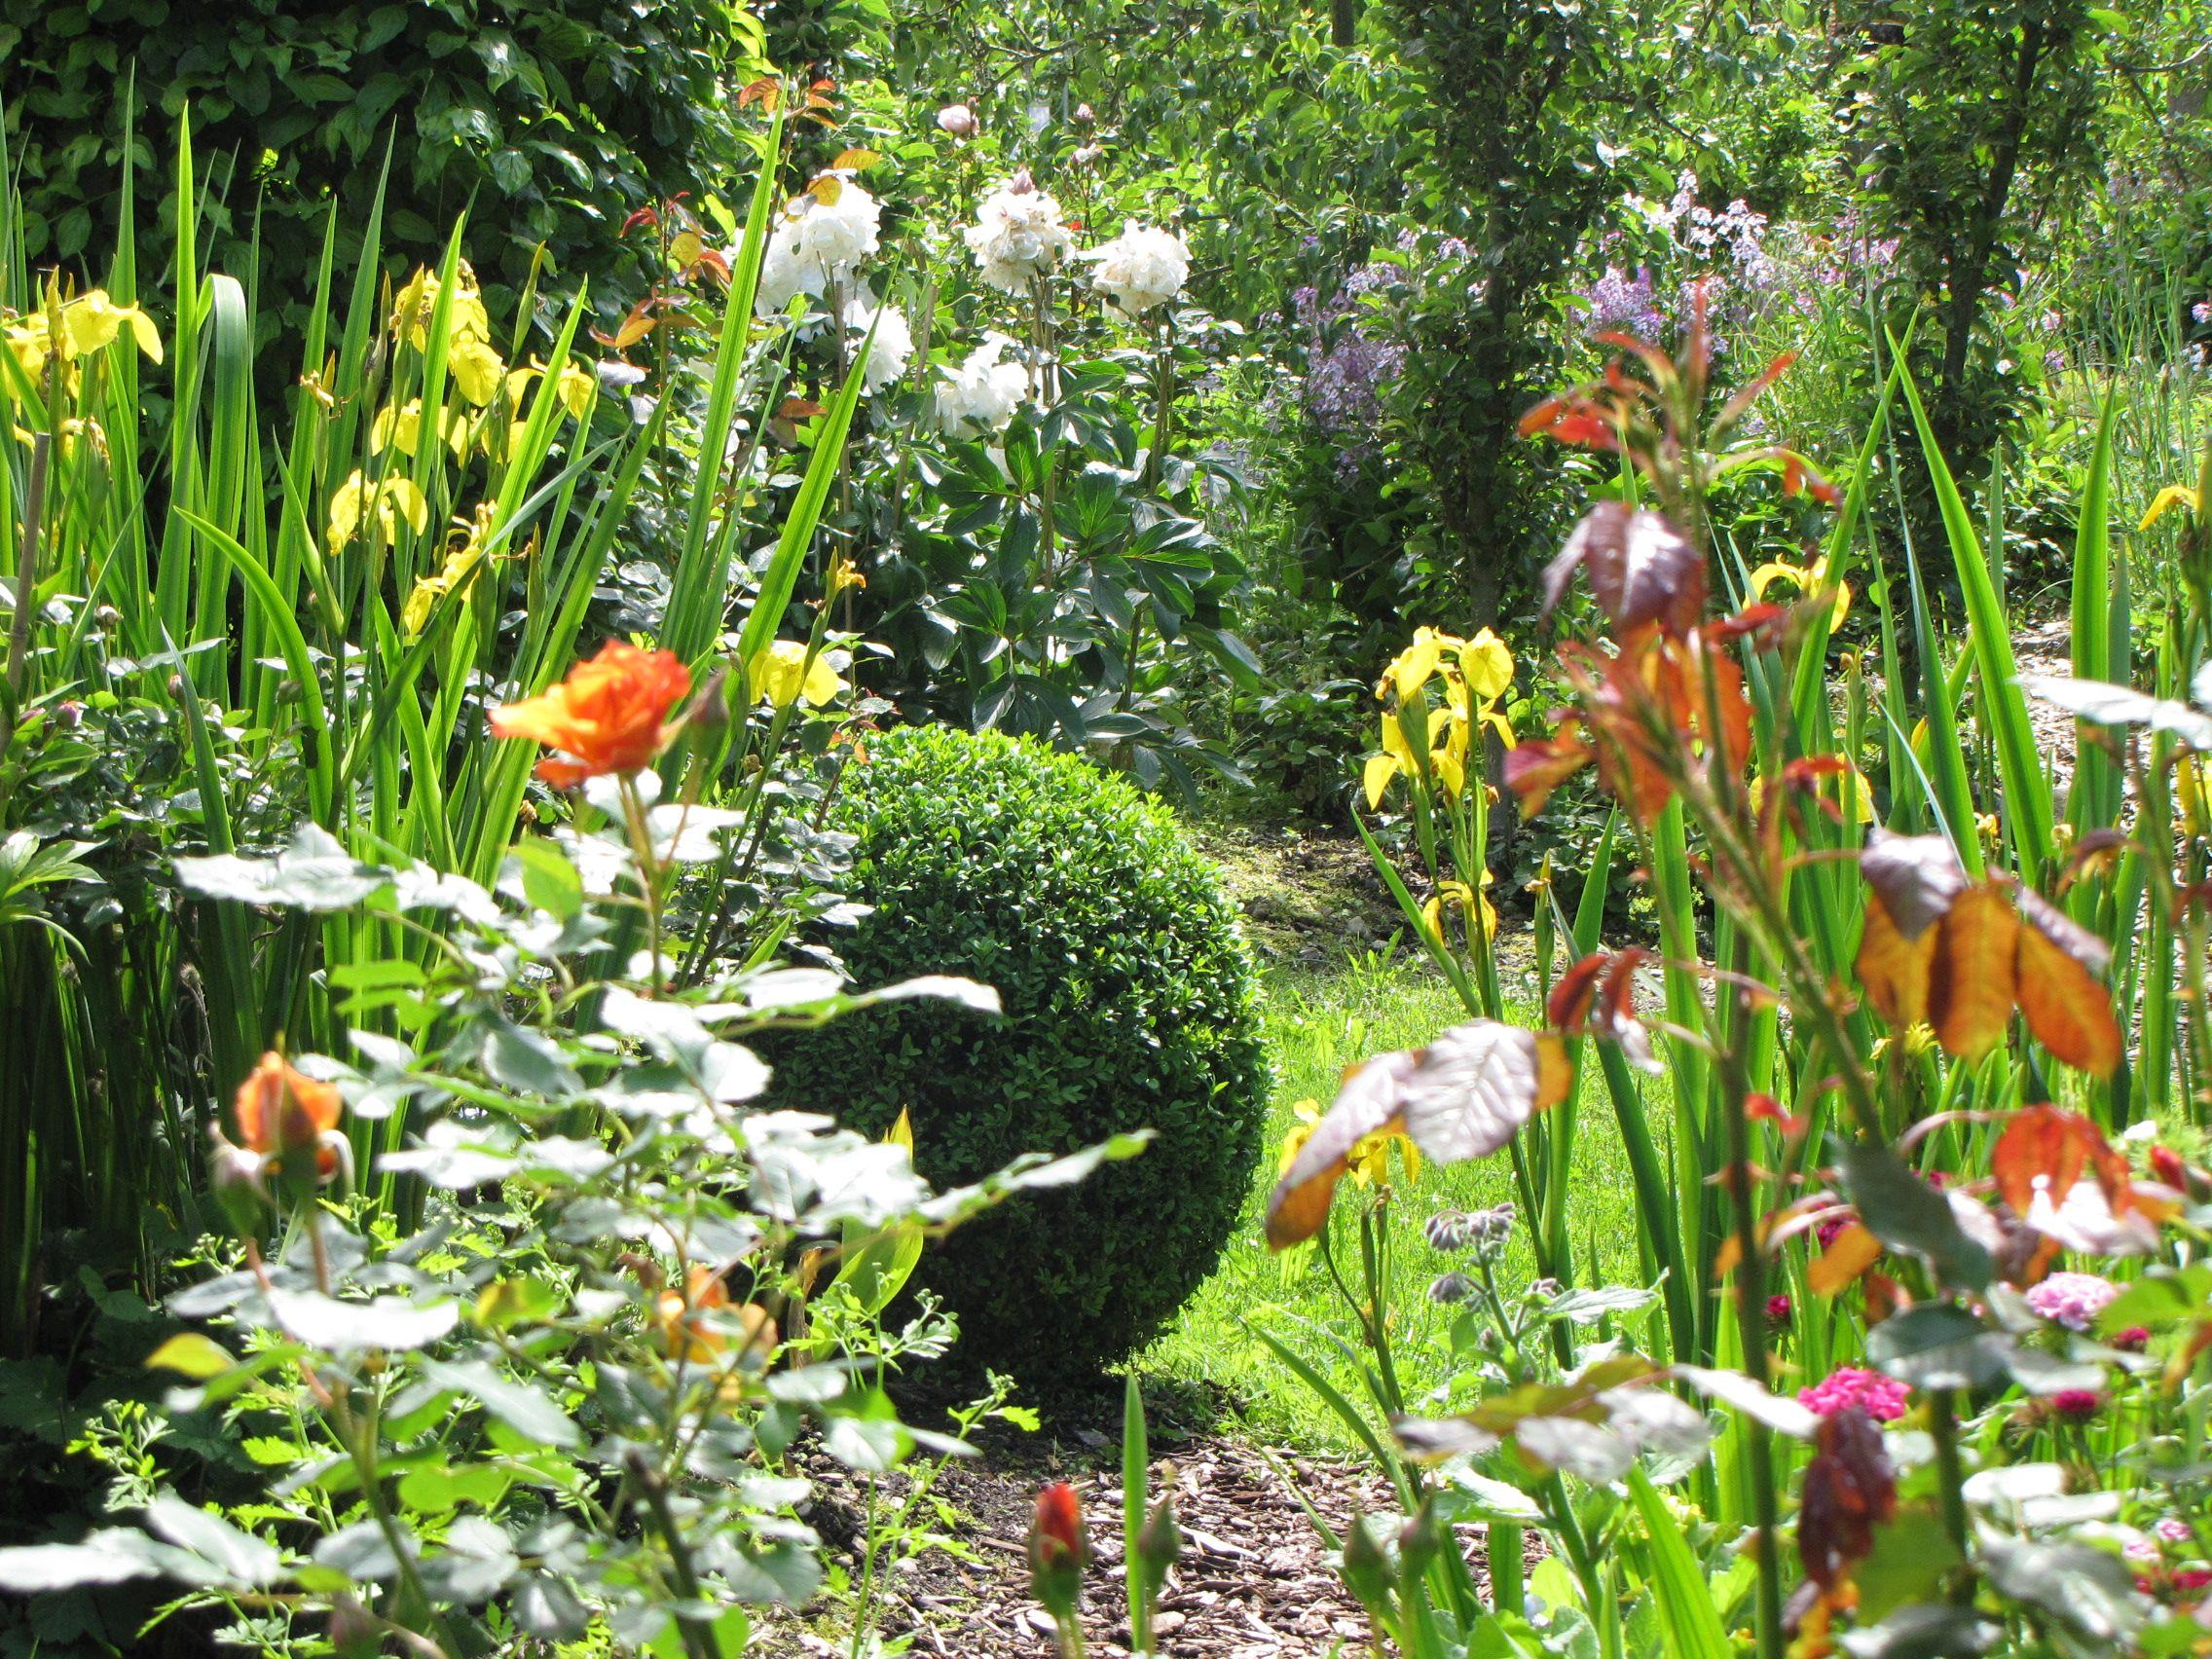 Paradiesgarten Maag Im Allgau Design Garten Von Sibylle K Maag Www Paradiesgarten Eu Garten Allgau Paradiesgarten Bauerngarten Garten Paradies